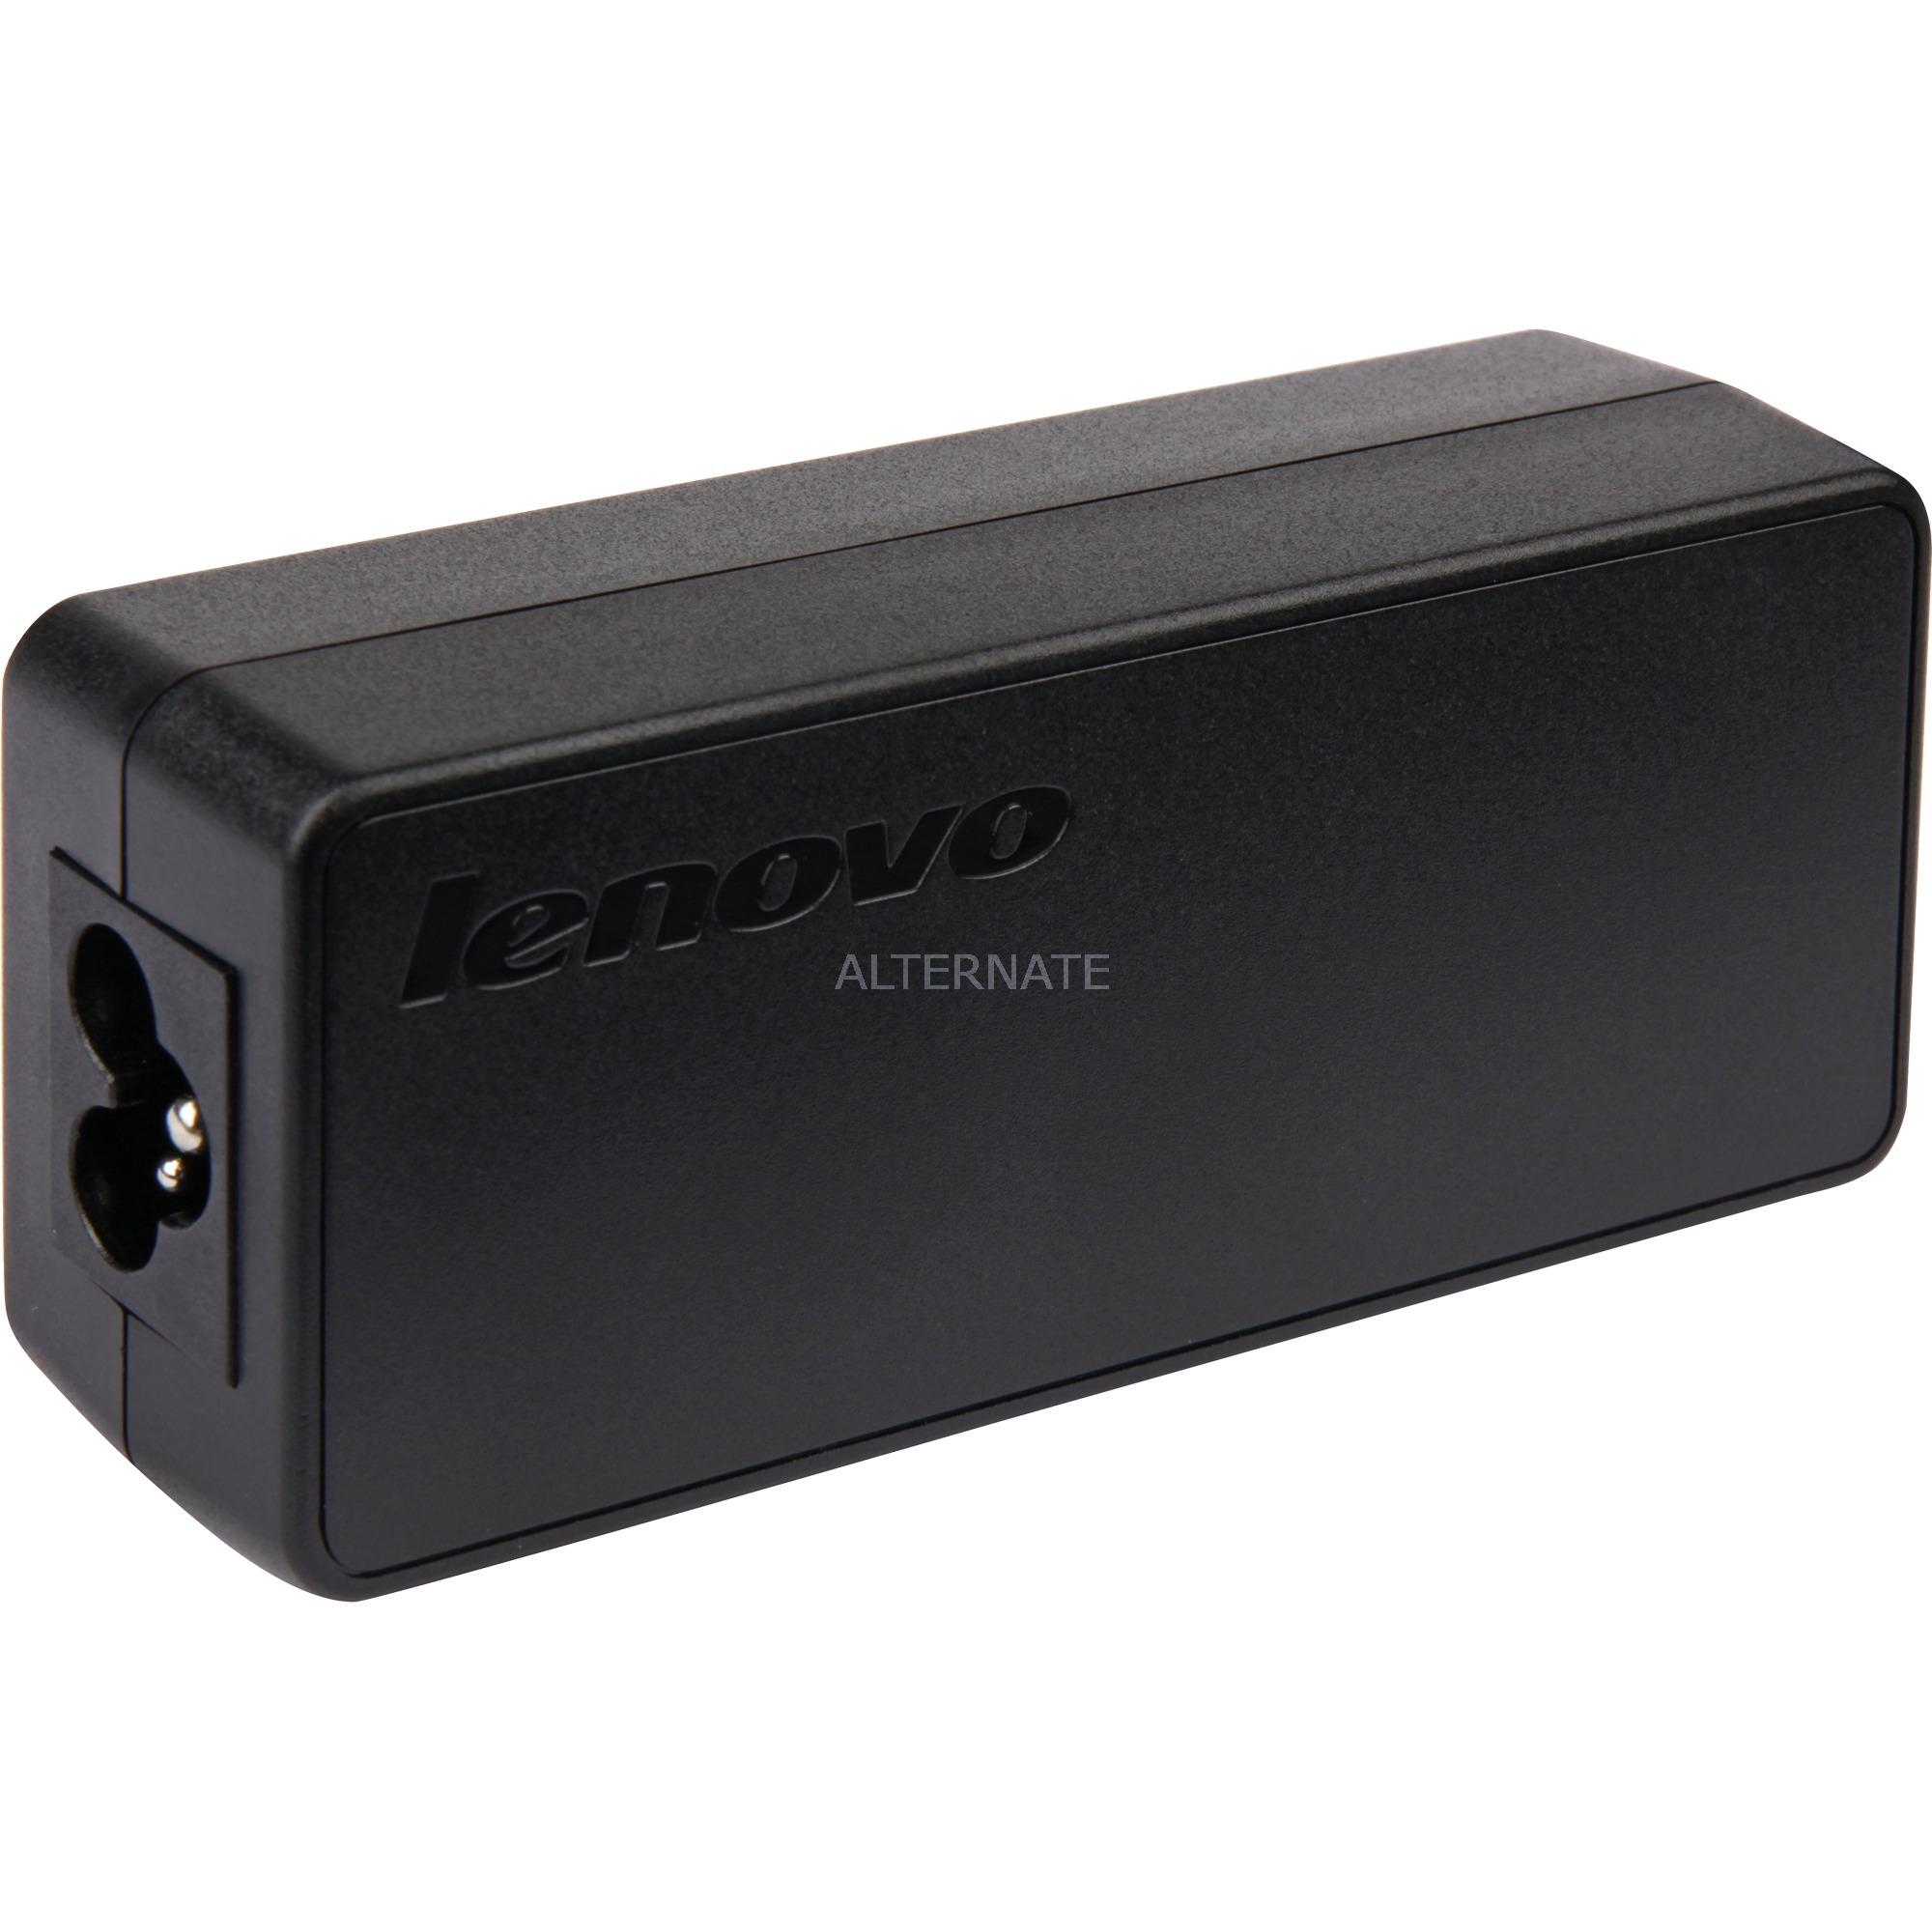 0A36262 adaptador e inversor de corriente 65 W Interior Negro, Fuente de alimentación